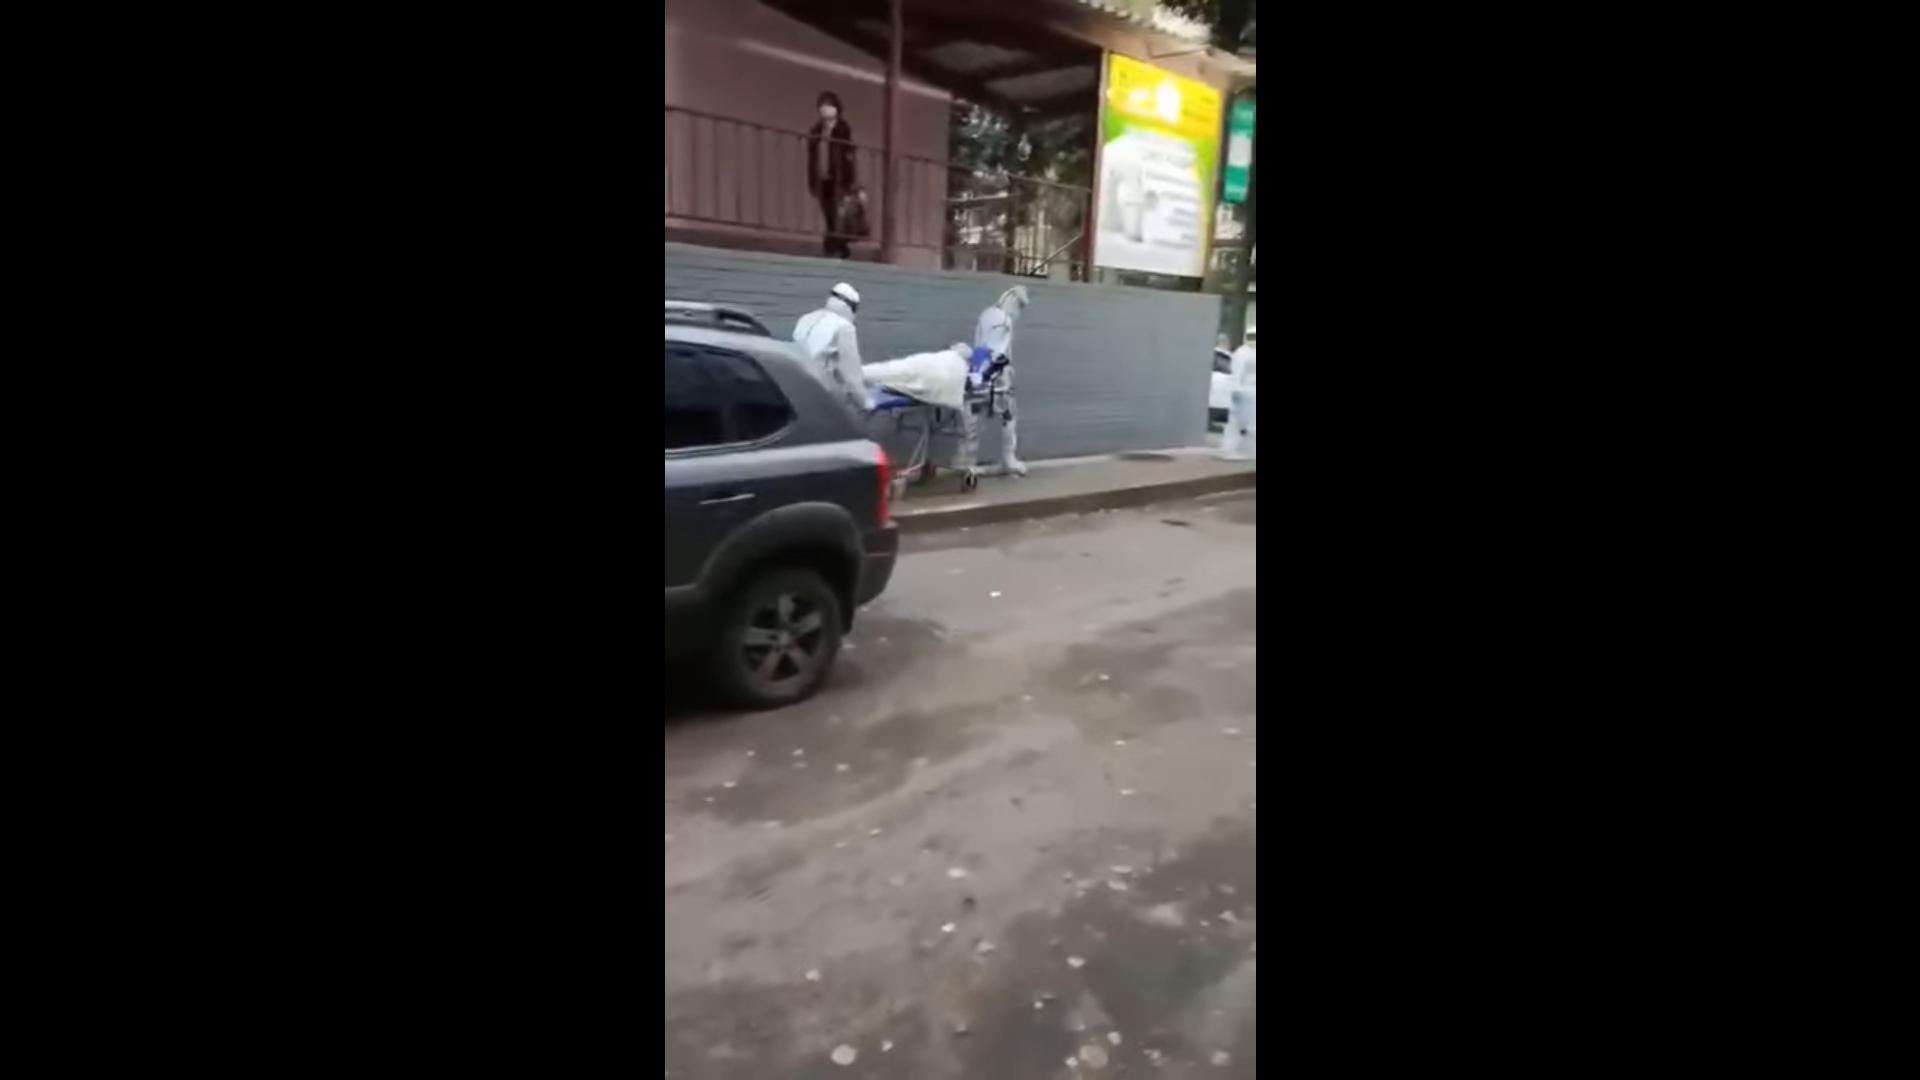 Частная скорая увезла пациента от медцентра в Ярославле: прояснилась ситуация с появлением врачей в защитных костюмах